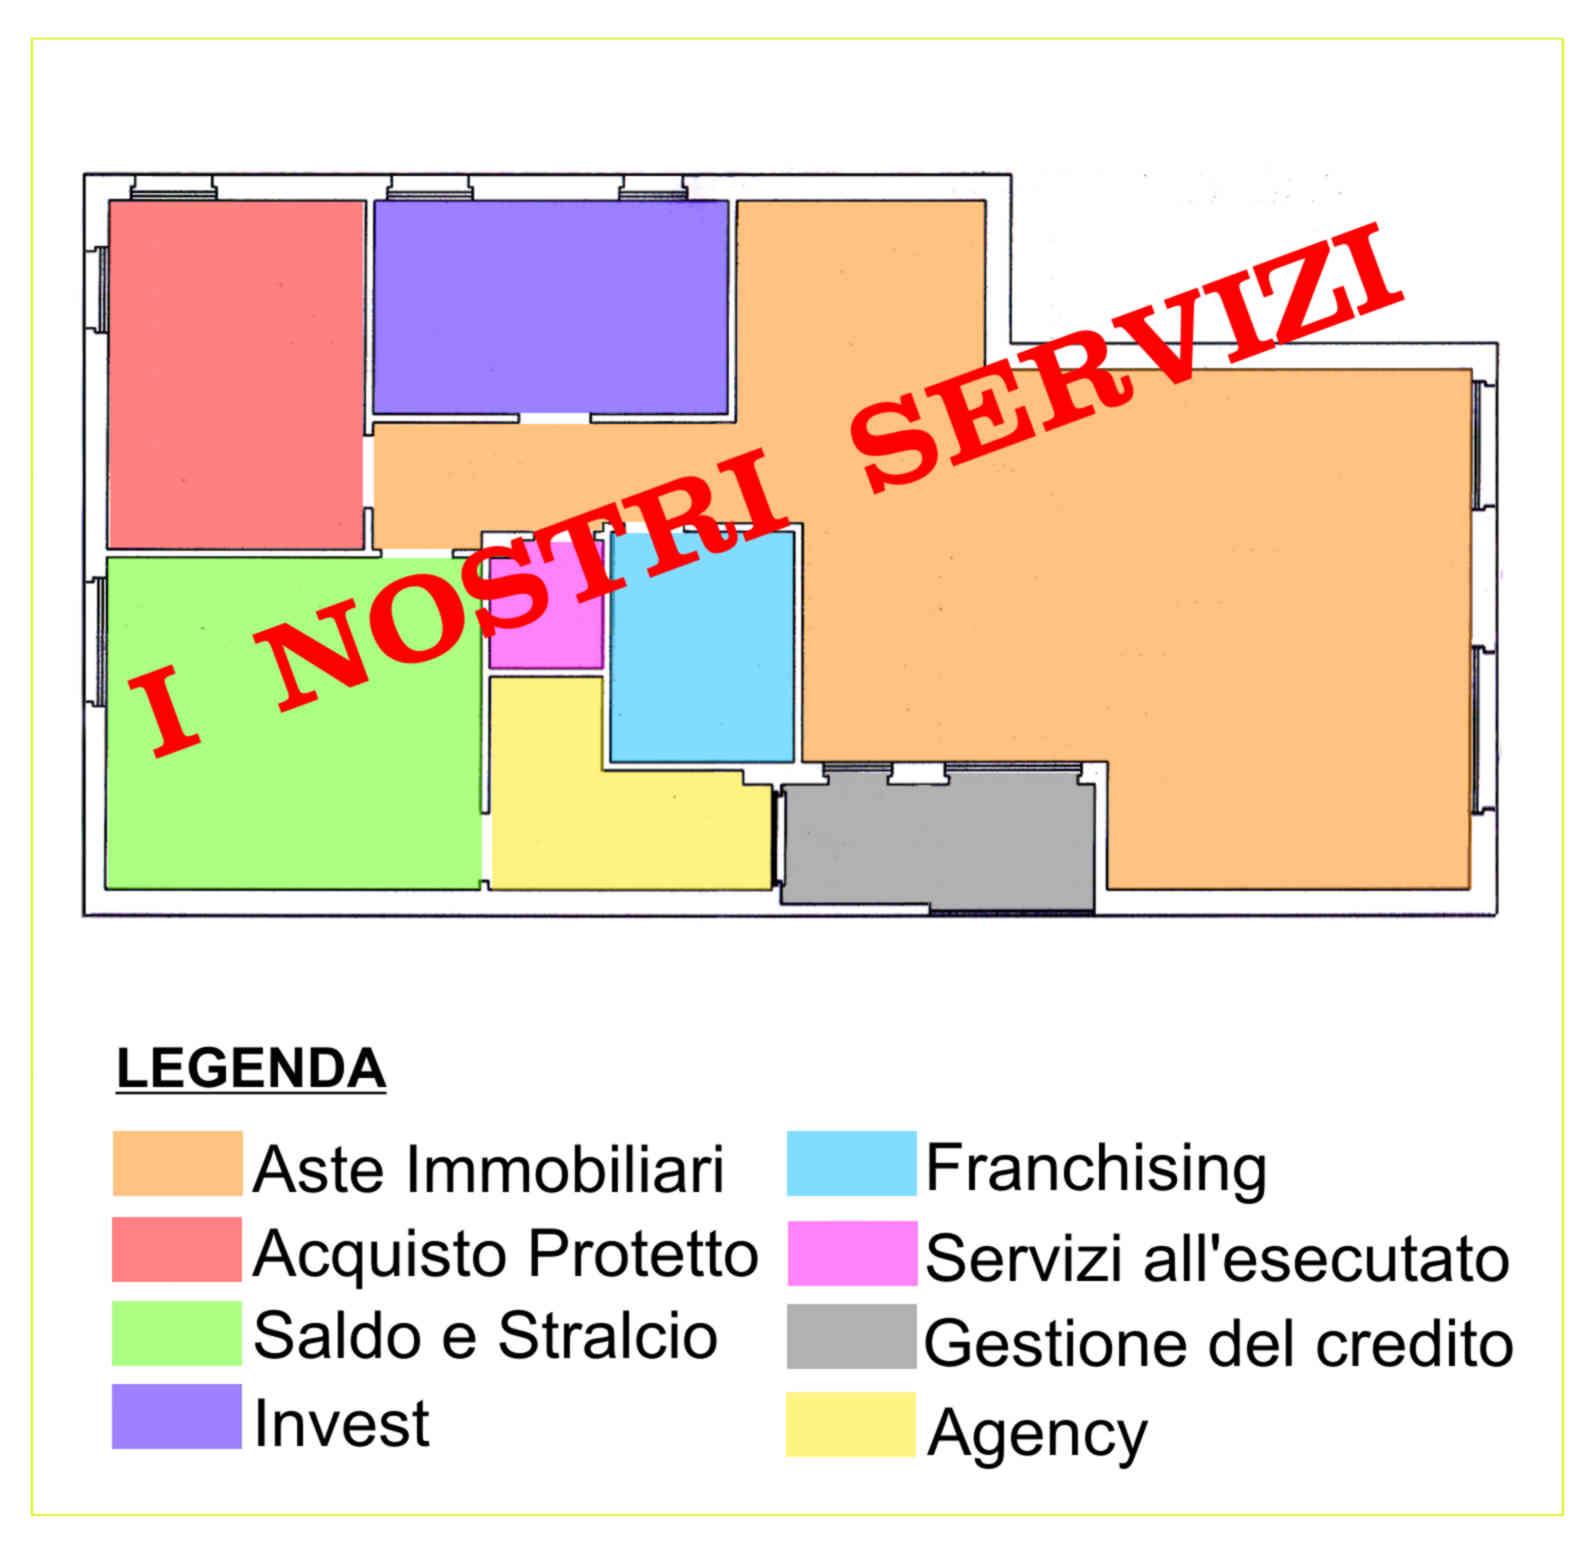 Appartamento in vendita a Brugherio, 4 locali, prezzo € 48.000 | Cambio Casa.it